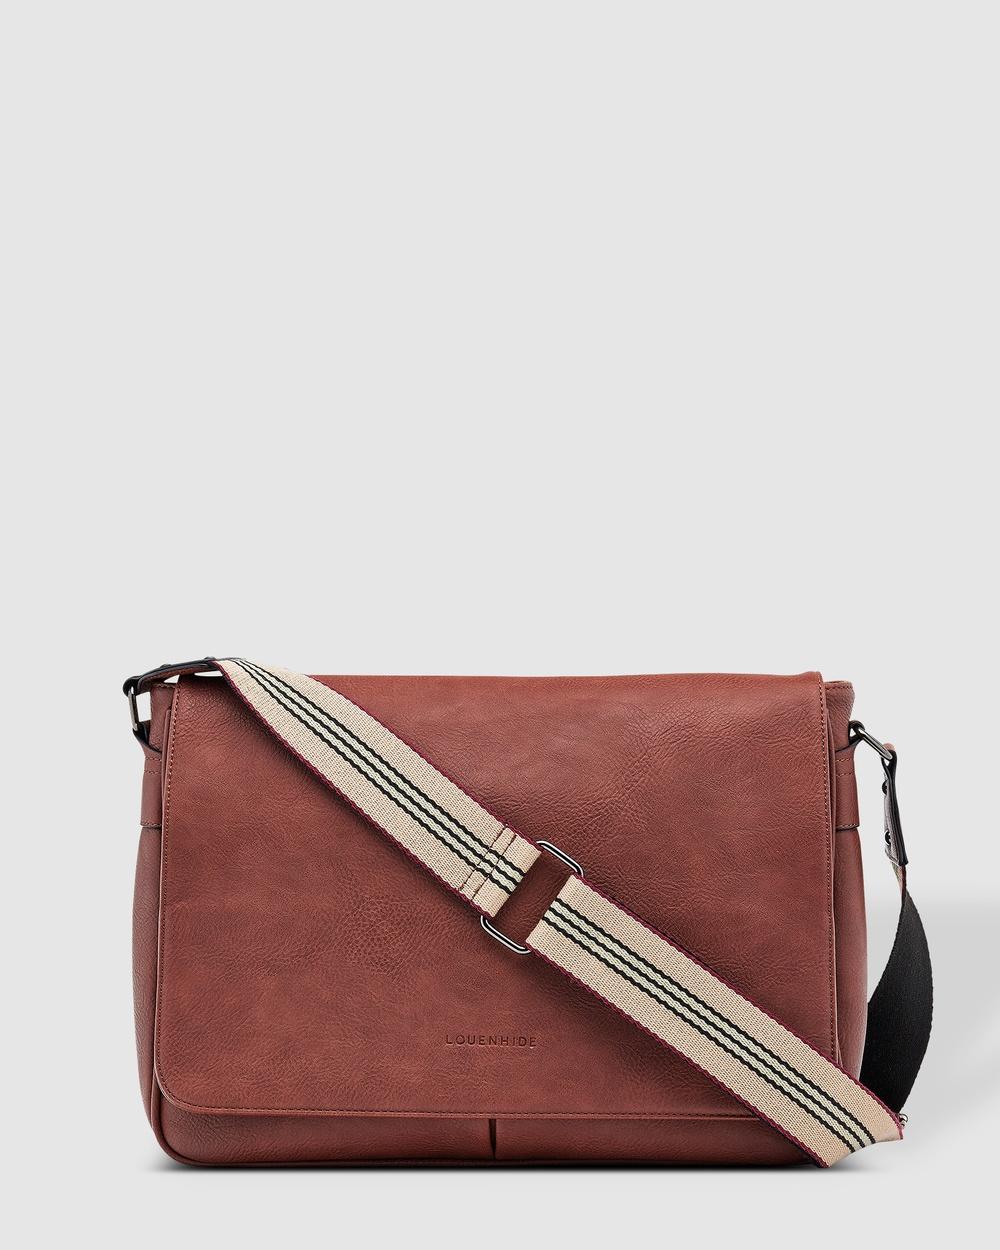 Louenhide Jordan Laptop Bag Bags Chestnut Laptop Bags Australia